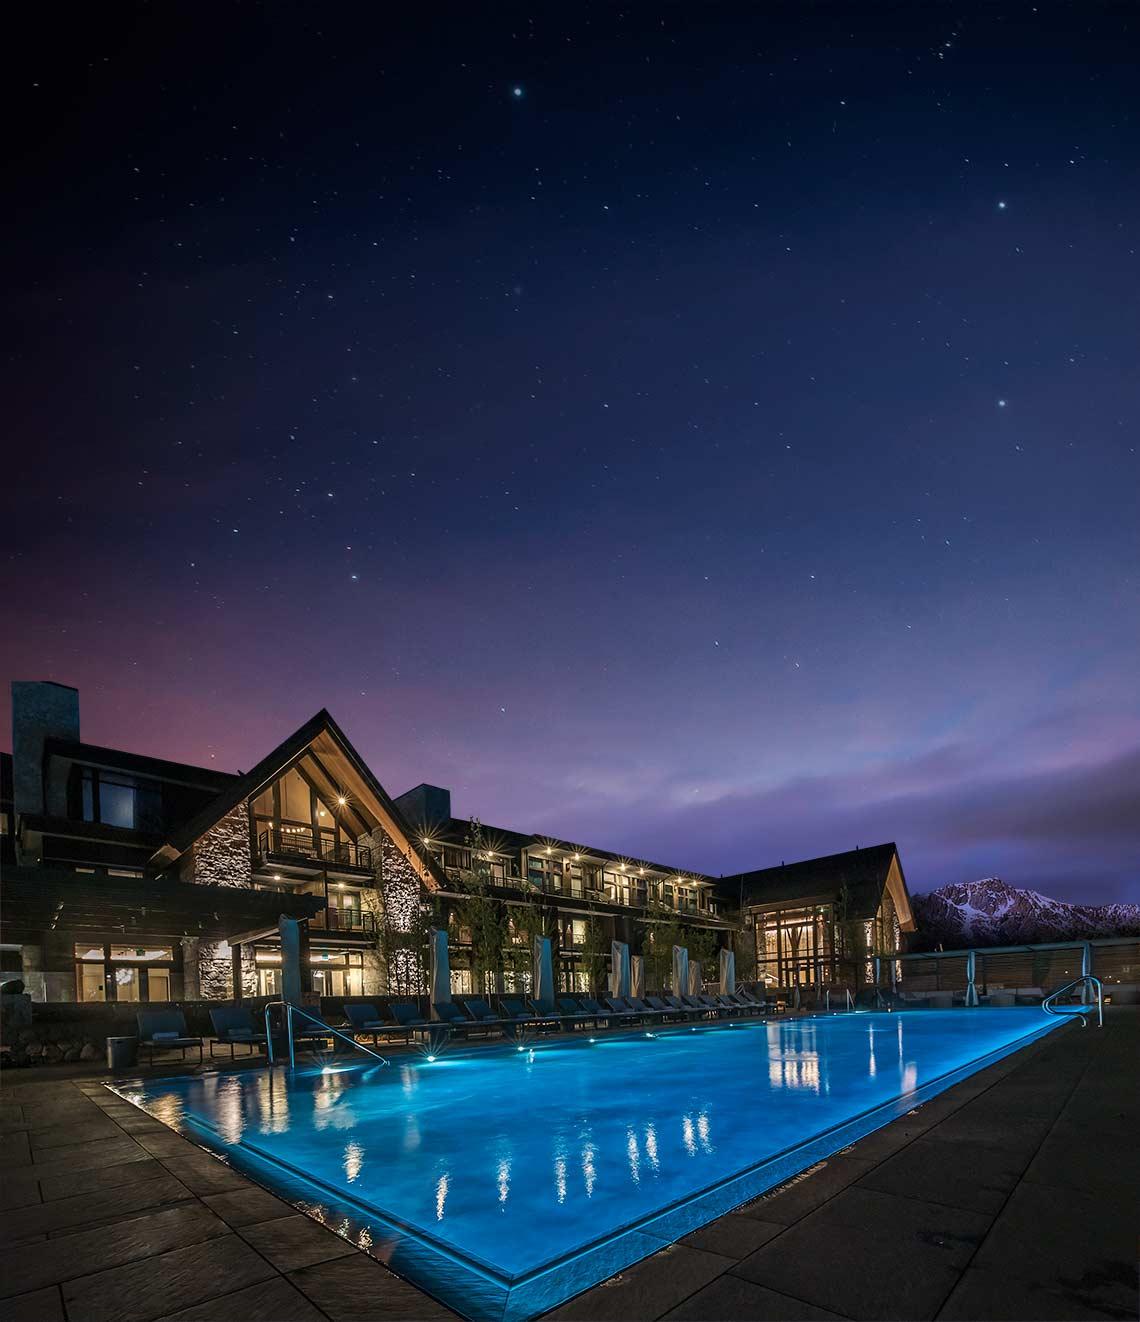 edgewood lodge pool